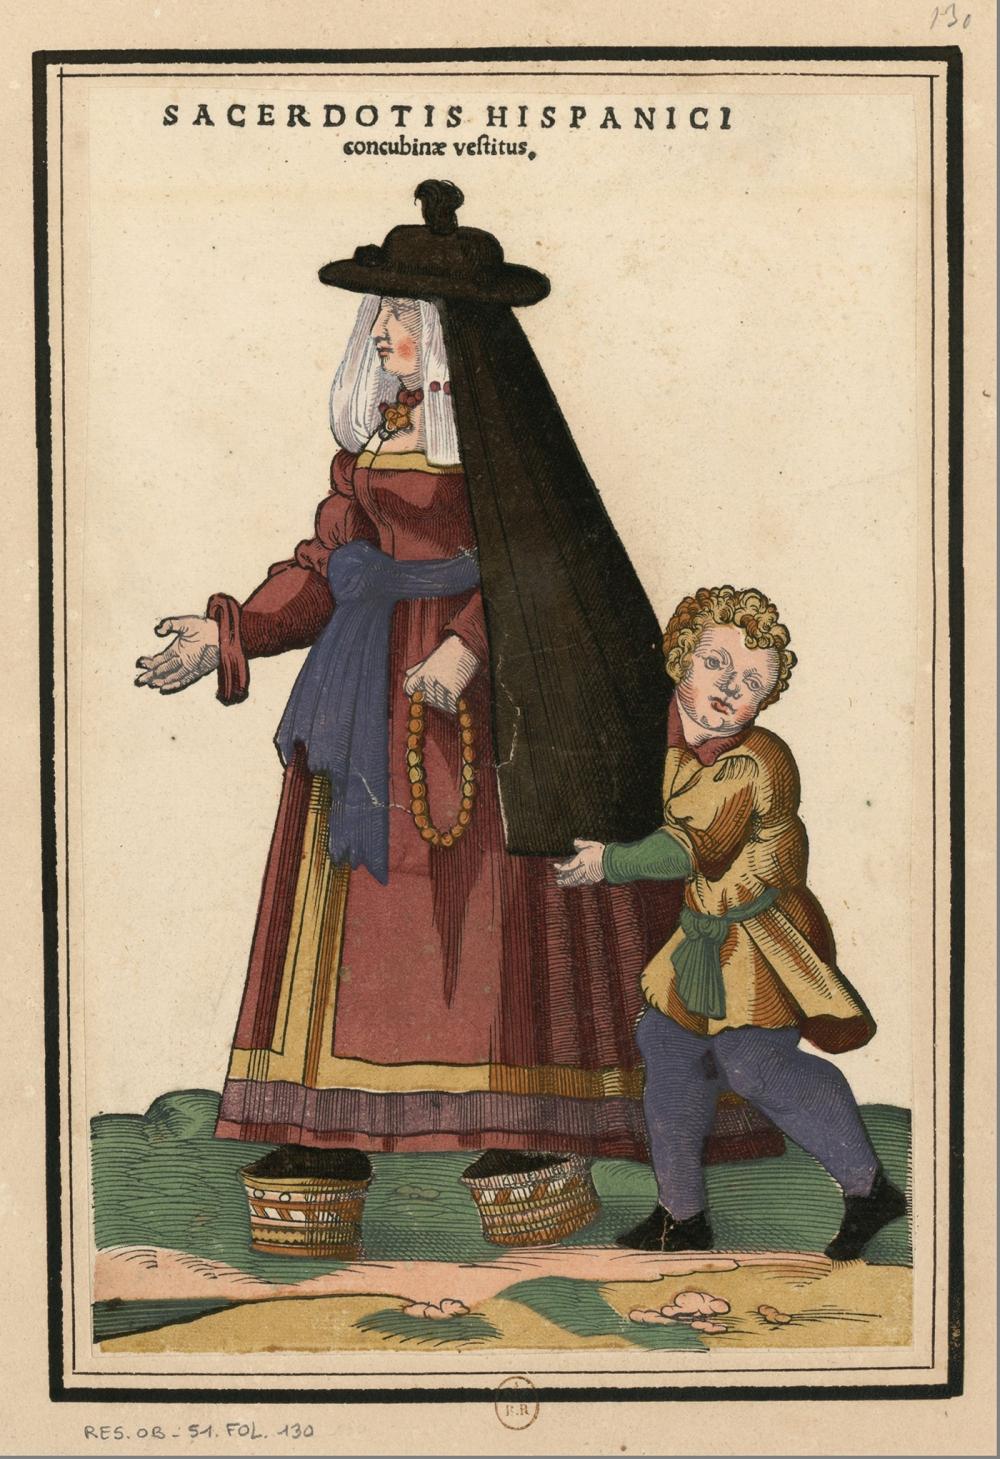 Roger de Gaignières. Ensemble de gravures de costumes espagnols du XVIe siècle. 1660.